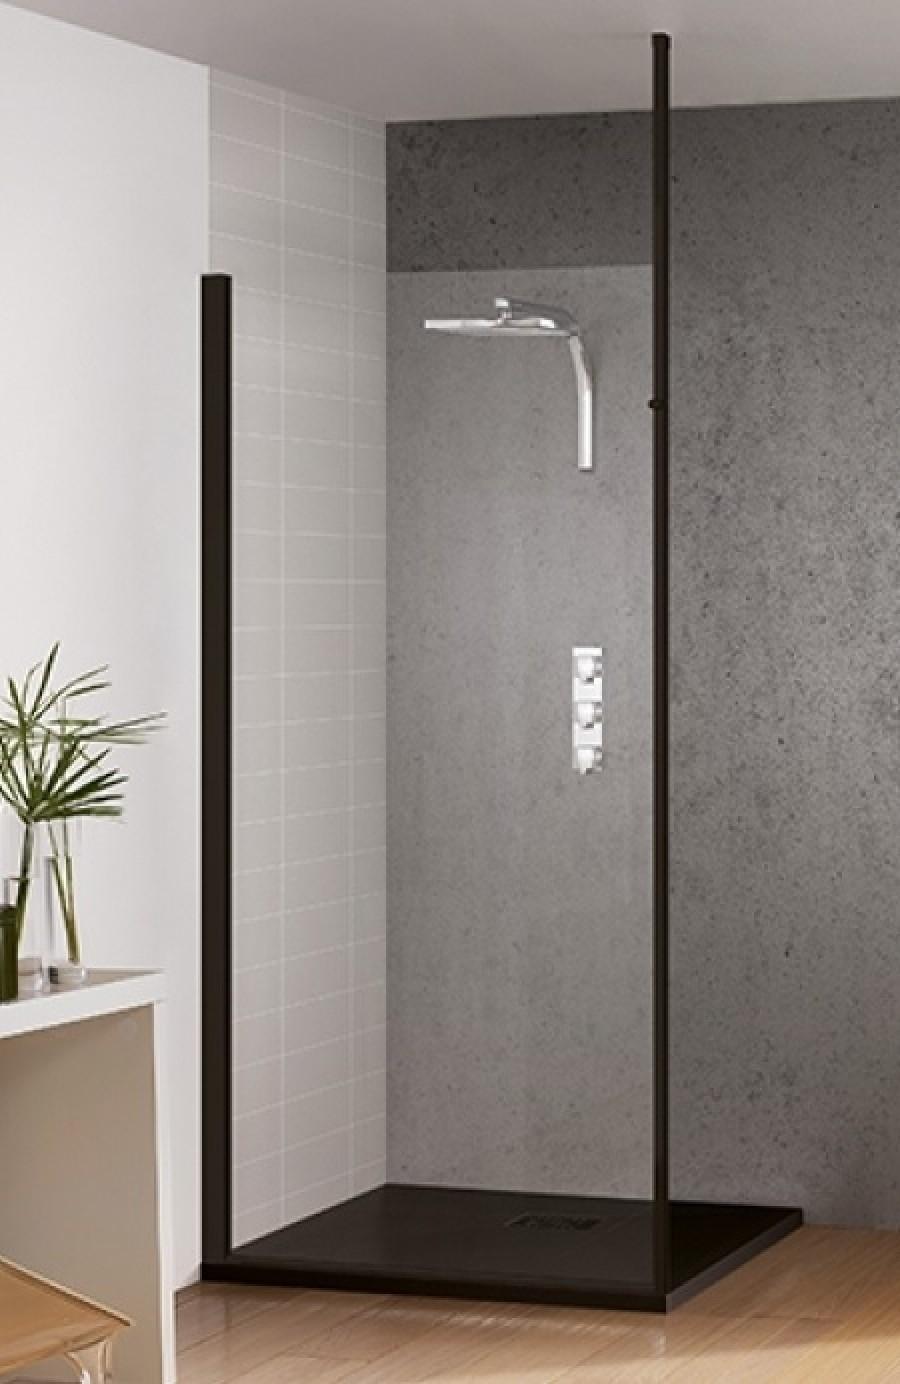 paroi de douche fixe kinespace solo noir 70 cm m t sol. Black Bedroom Furniture Sets. Home Design Ideas